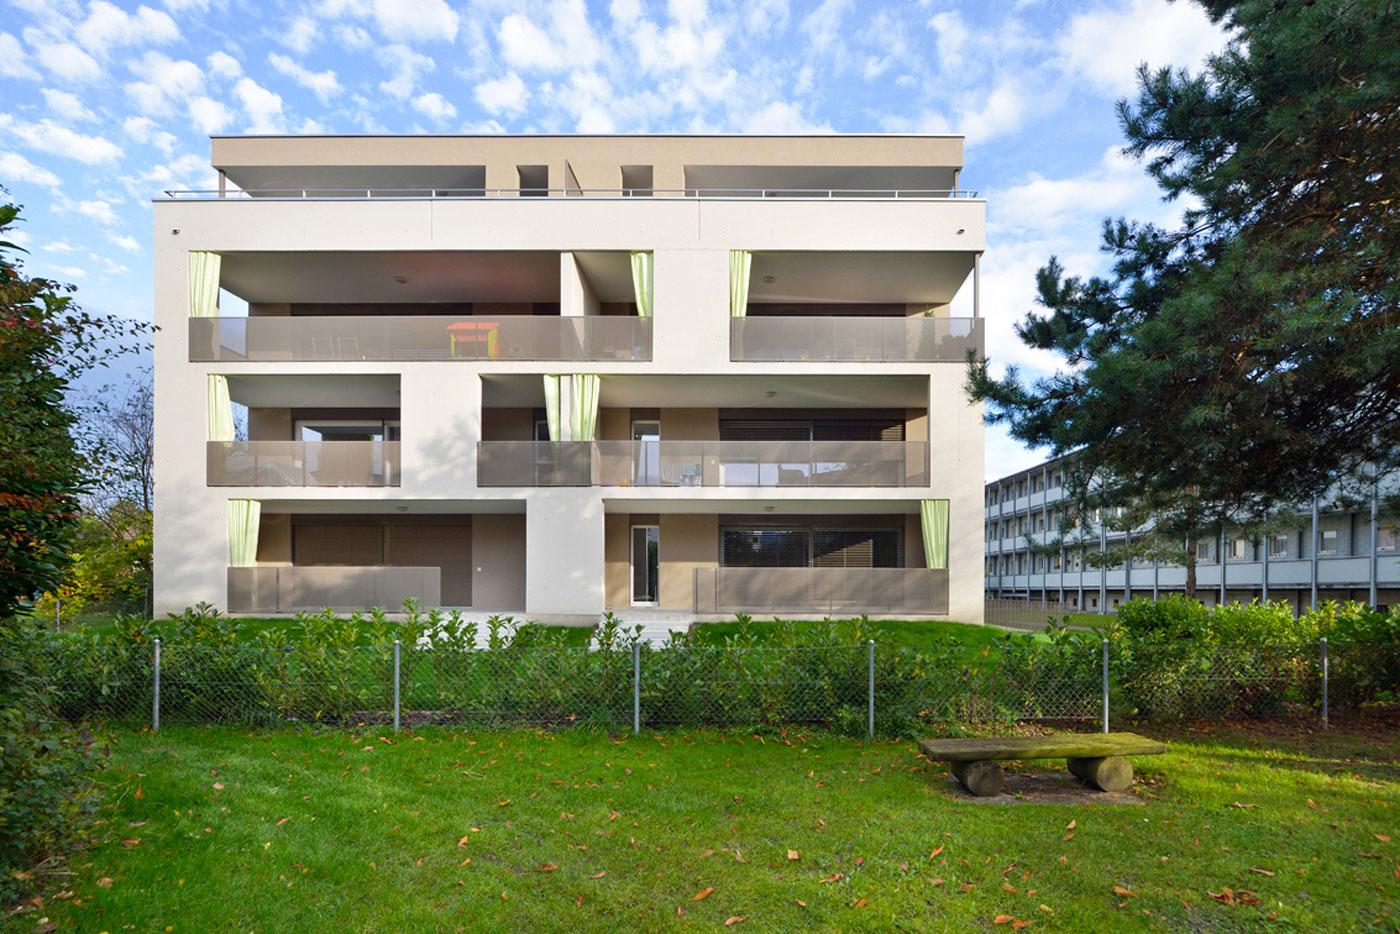 Kaufen, Halten, Verkaufen und Vermittlungen von Immobilien